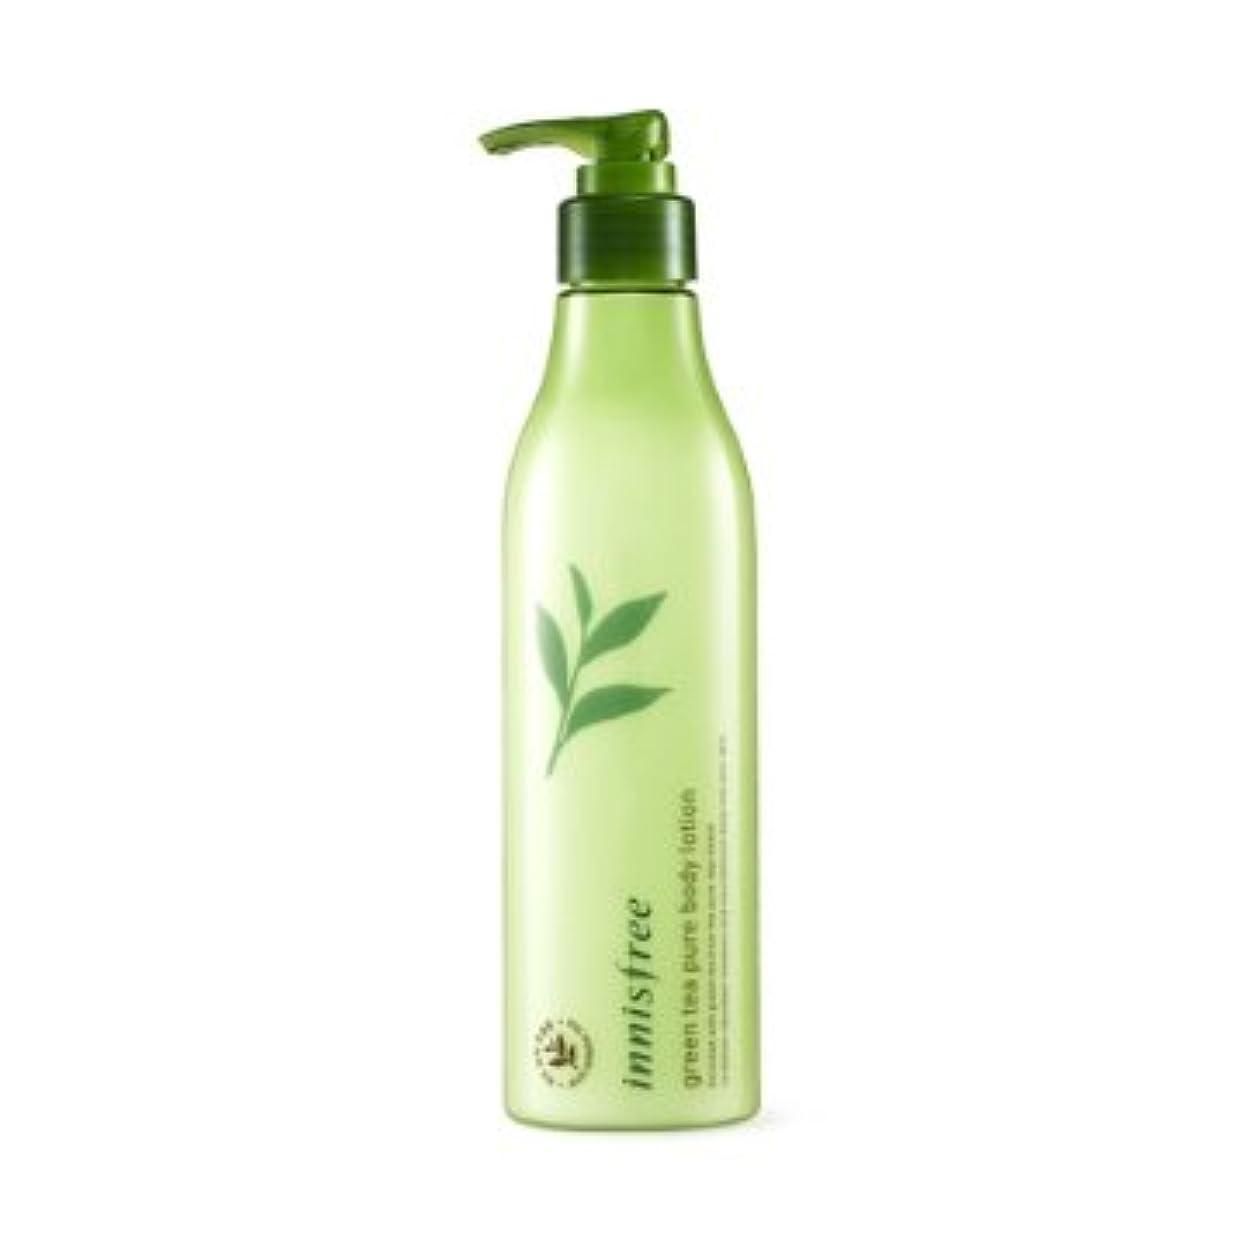 純正モロニック死の顎【イニスフリー】Innisfree green tea pure body lotion - 300ml (韓国直送品) (SHOPPINGINSTAGRAM)